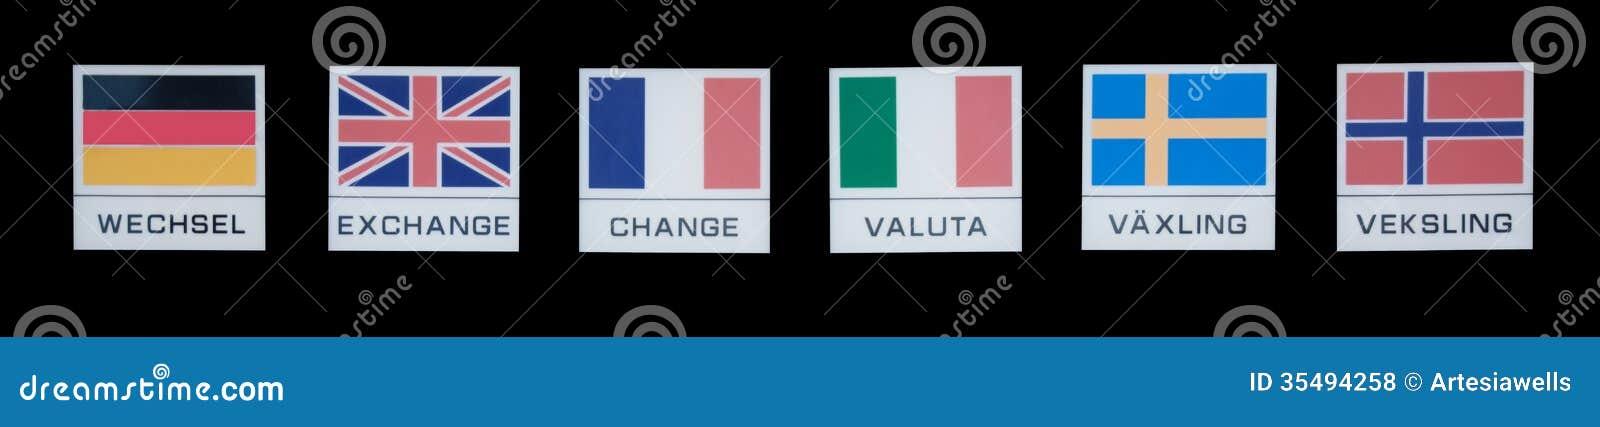 Exchange Symbols Stock Photo Image Of Norwegian Global 35494258